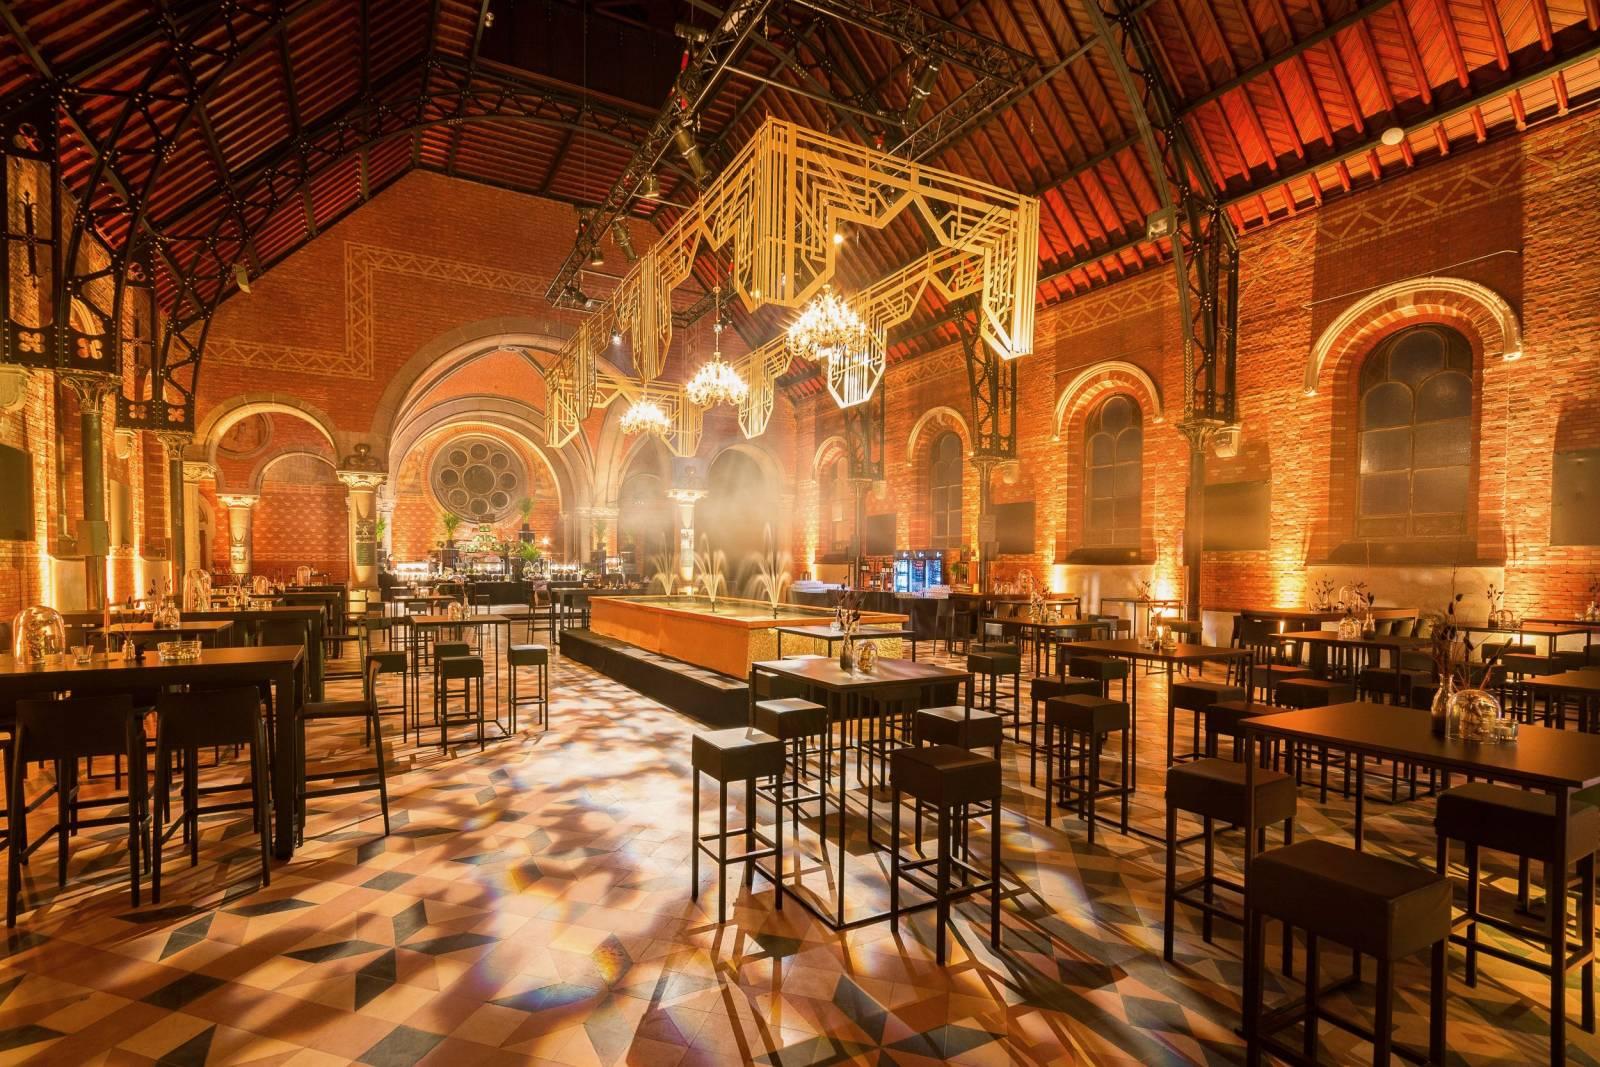 Feestverhuur Van Rompaey - Decoratie - Trouwdecoratie - House of Weddings - 8